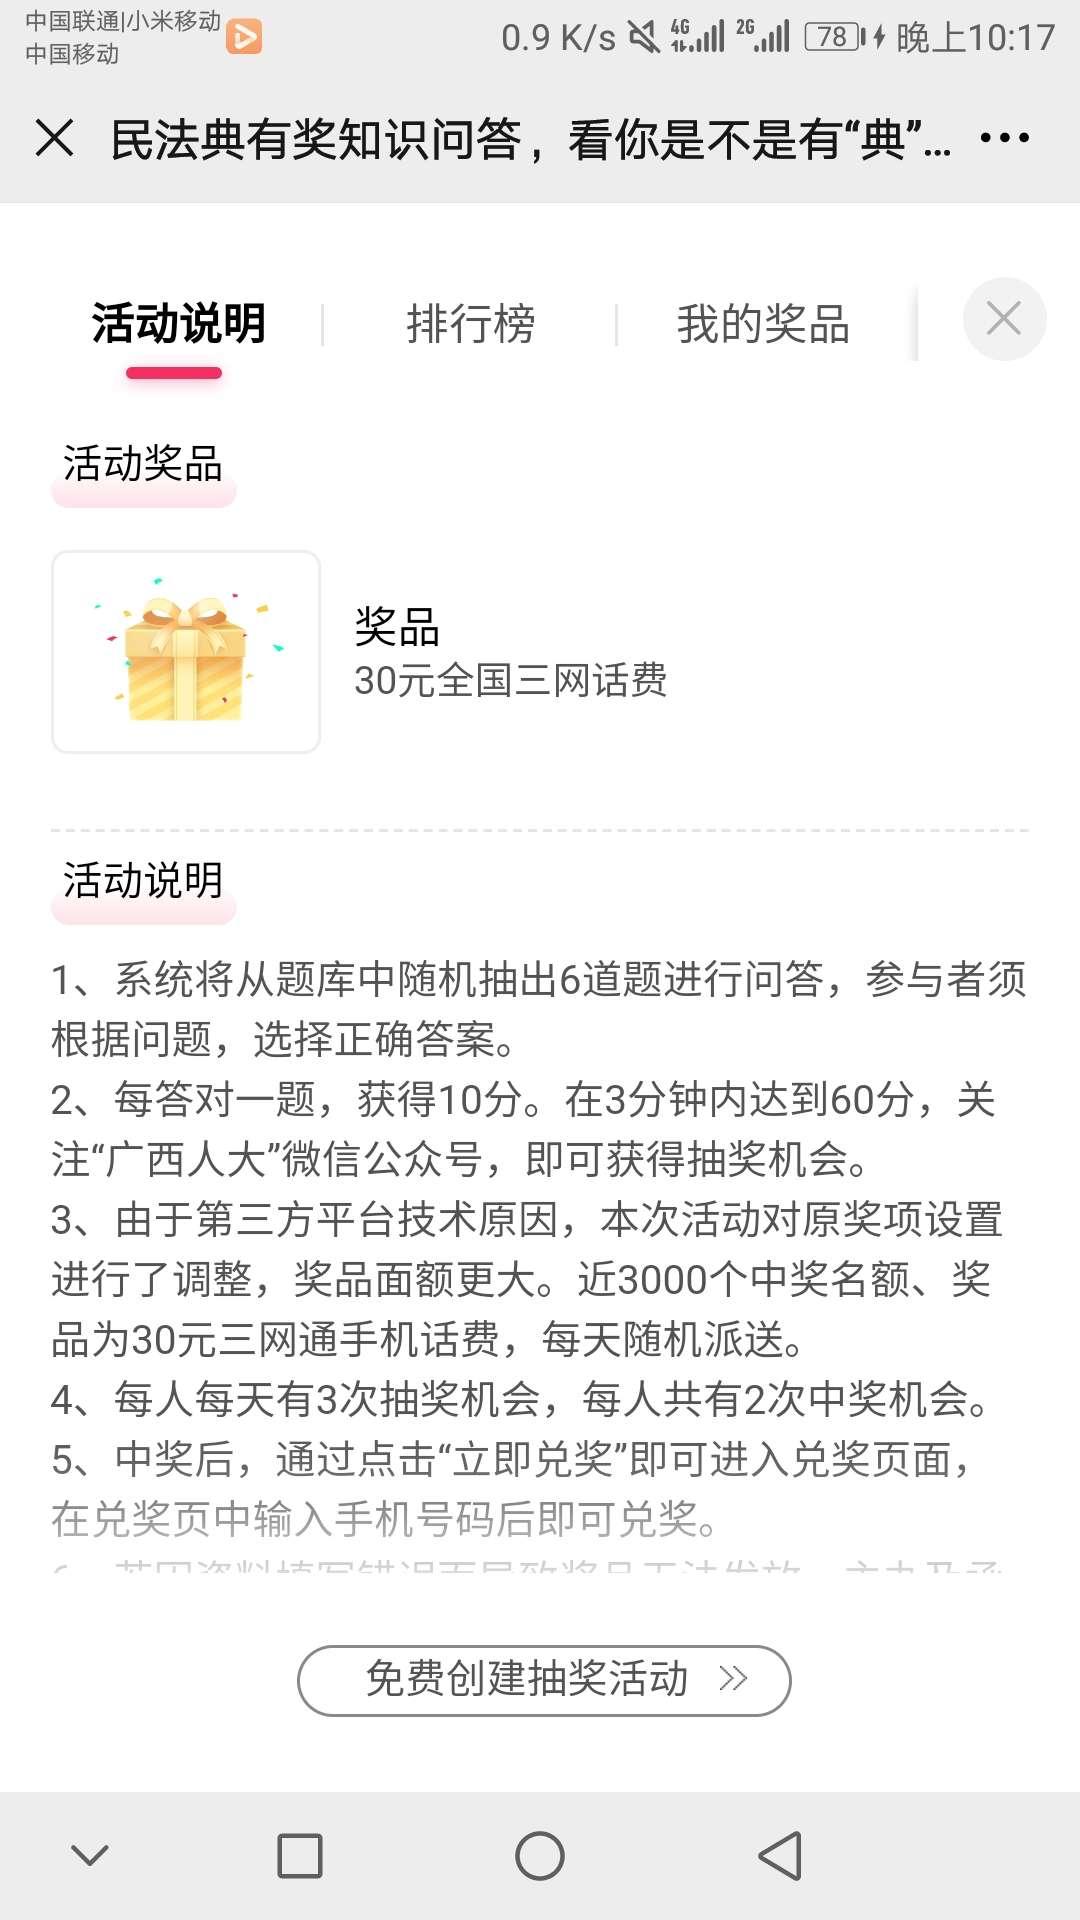 【话费流量】微信关注广西人大答对6题抽奖30话费(不必中)-聚合资源网